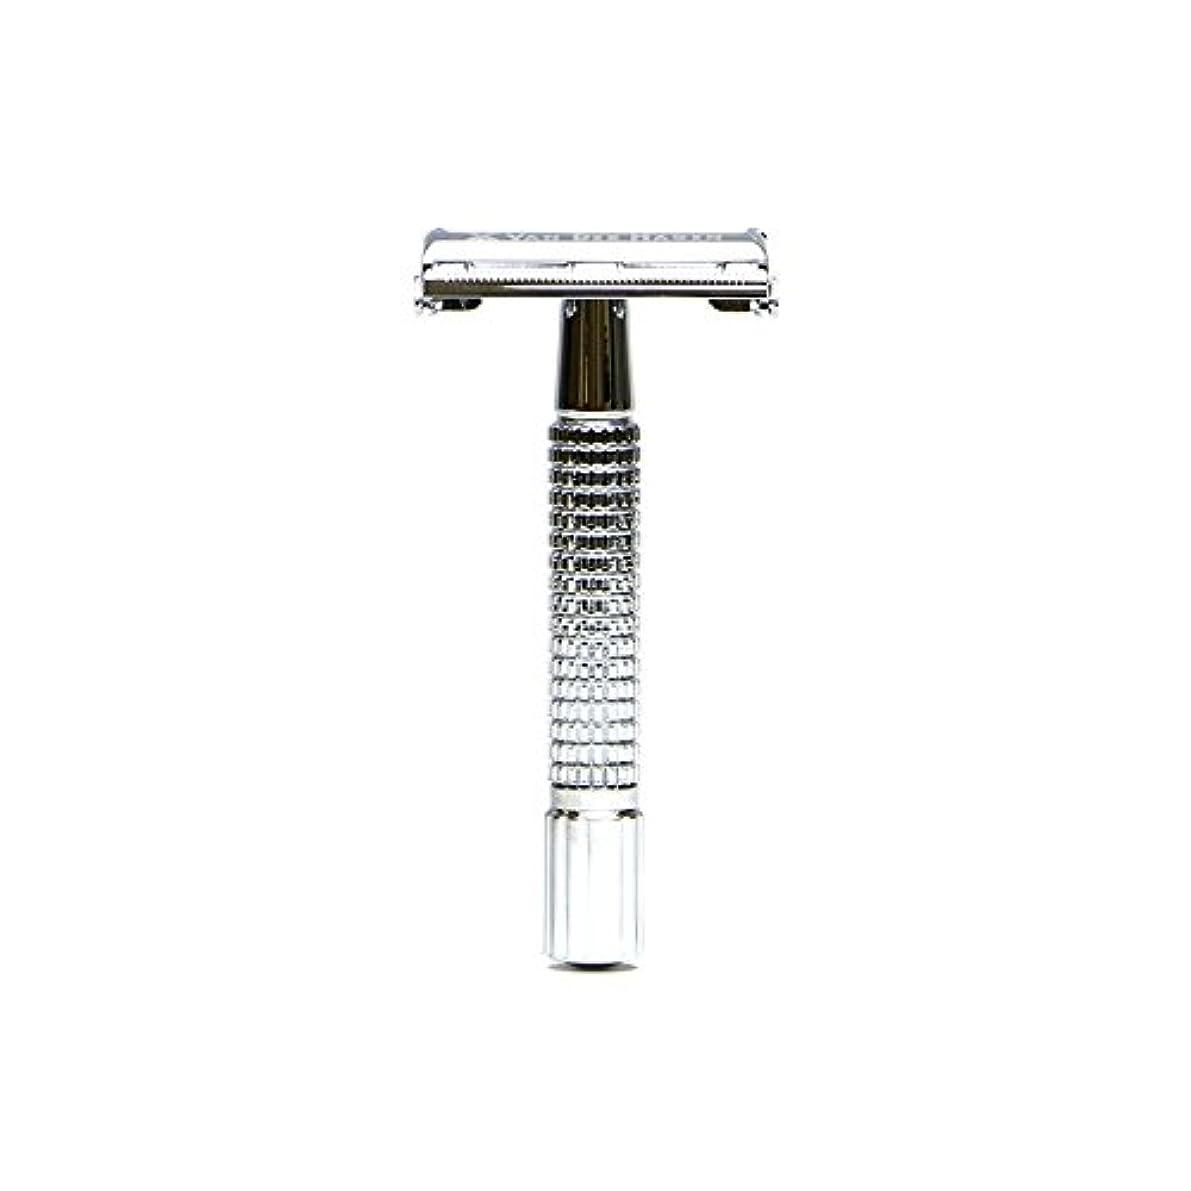 嫌がる歯科医ストレスVANDERHAGEN(米) トラディショナル 安全両刃カミソリ ショートタイプ バタフライタイプ 替刃5枚付